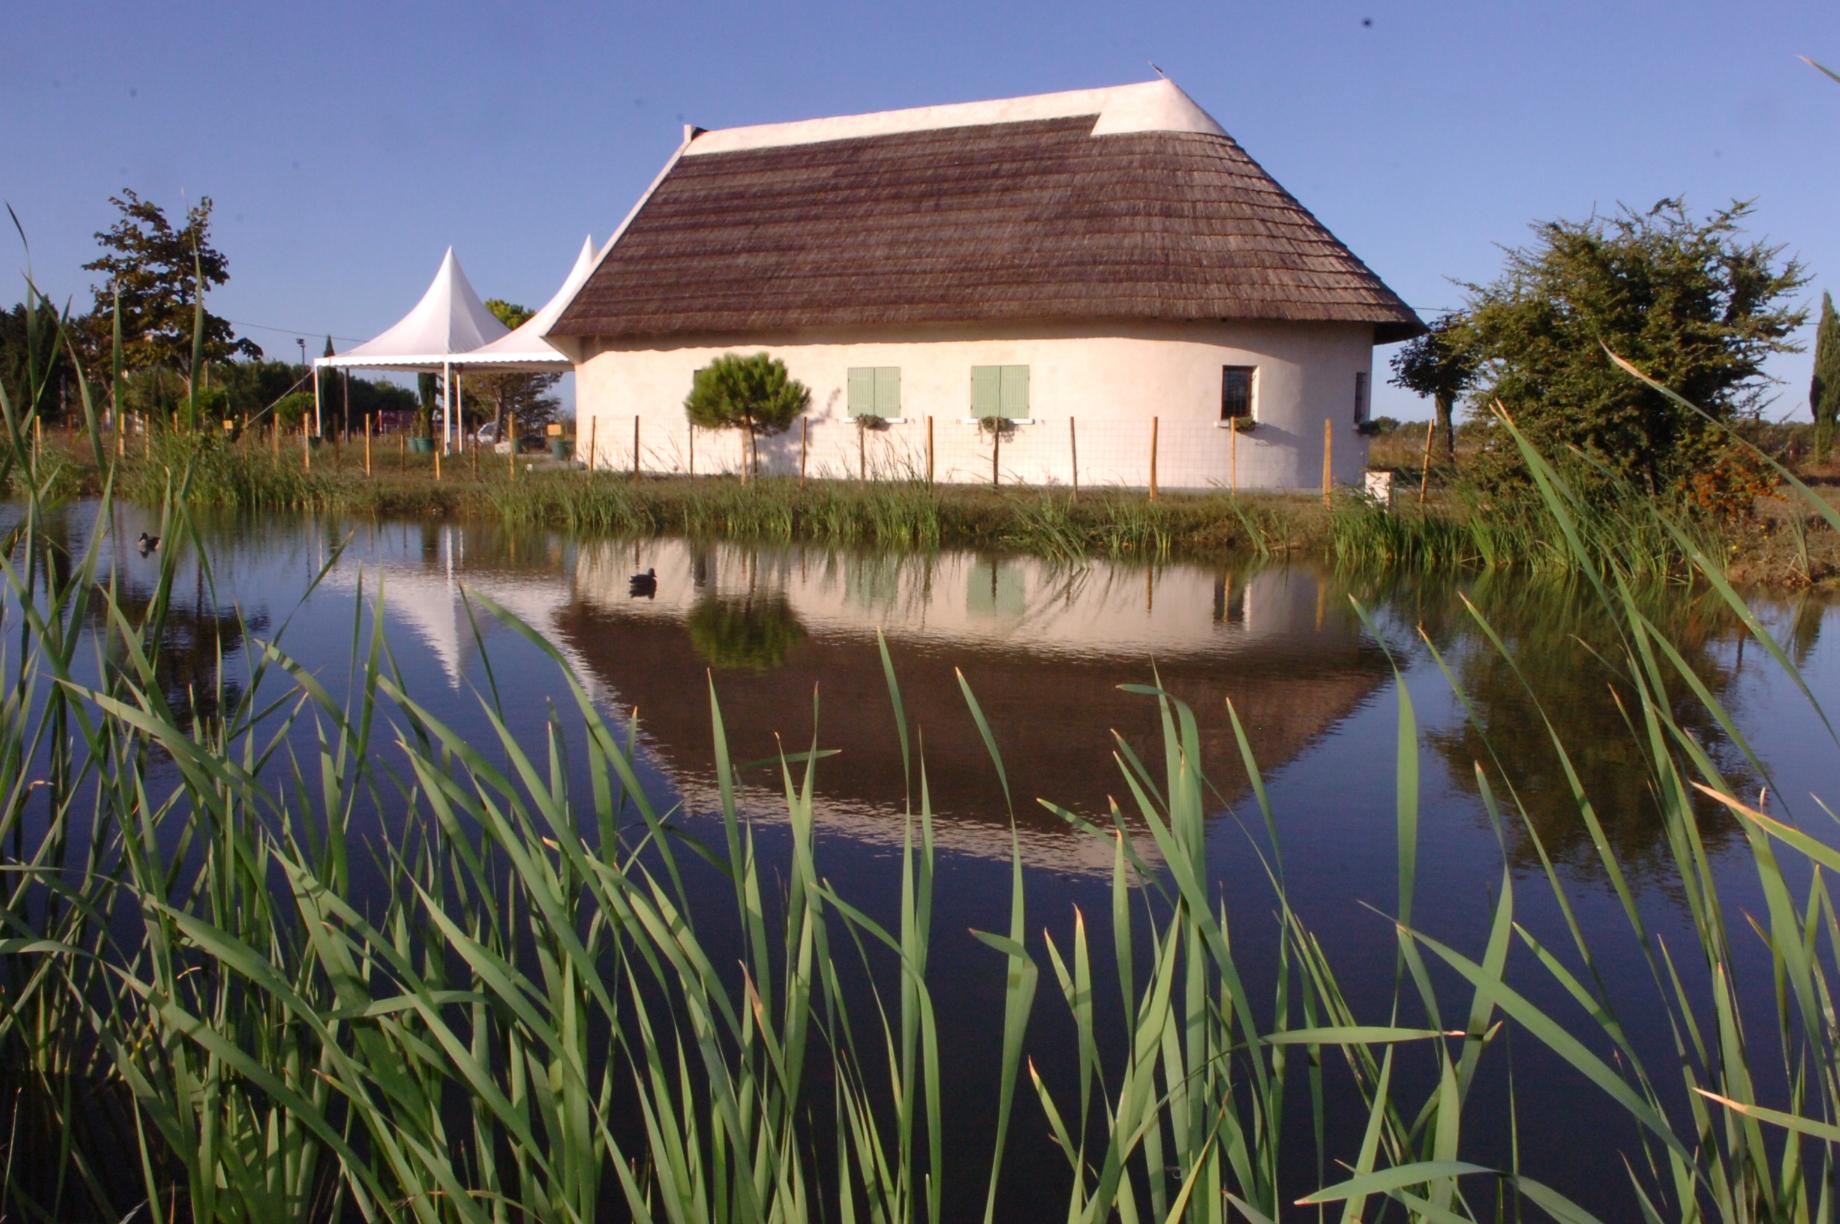 Single Family Home for Sale at Domaine typiquement camarguais à proximité de tout ! Other Languedoc-Roussillon, Languedoc-Roussillon France